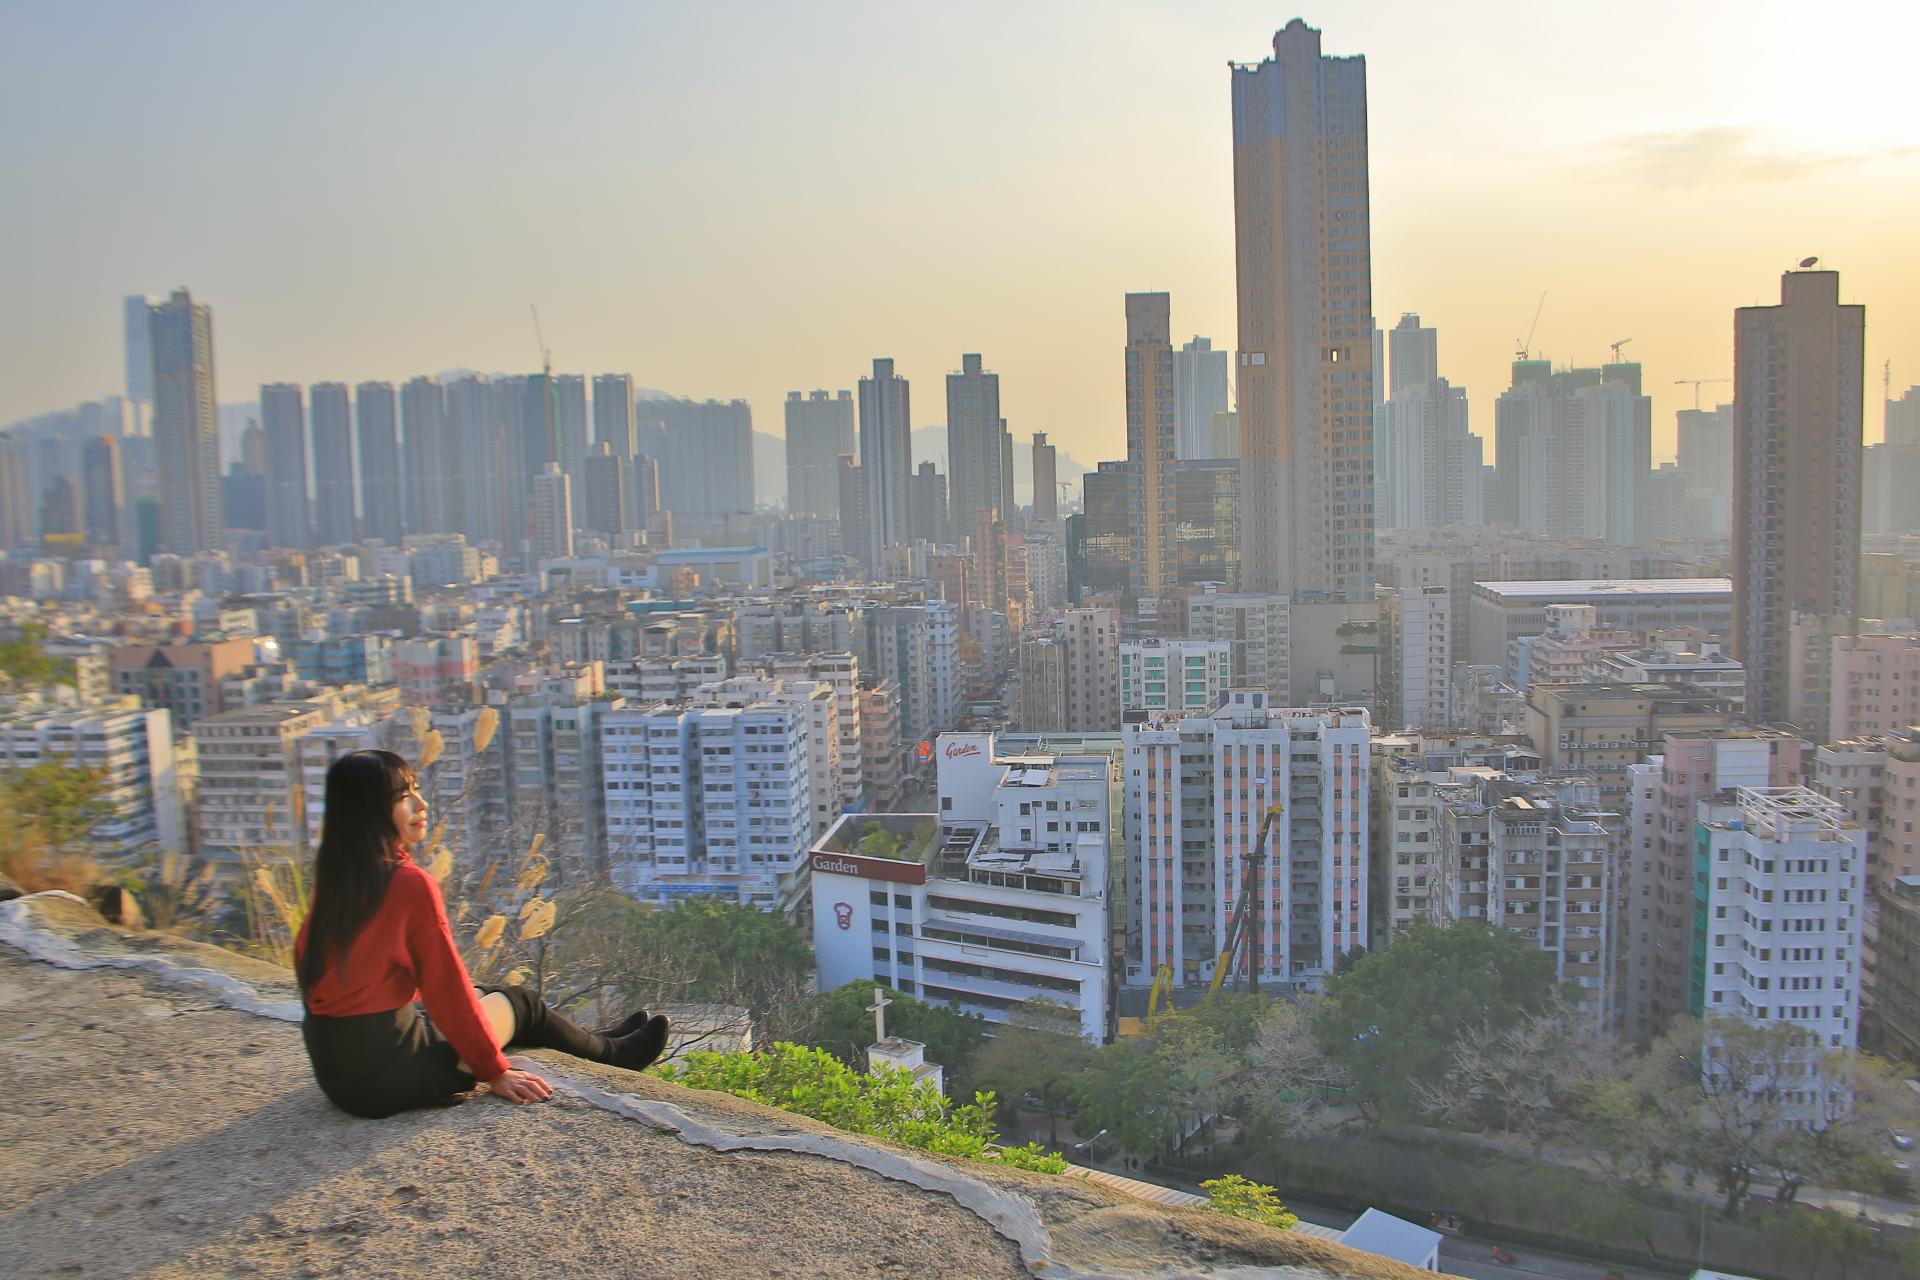 香港深水埗-美食推薦-2018最新景點行程食記分享 @小環妞 幸福足跡